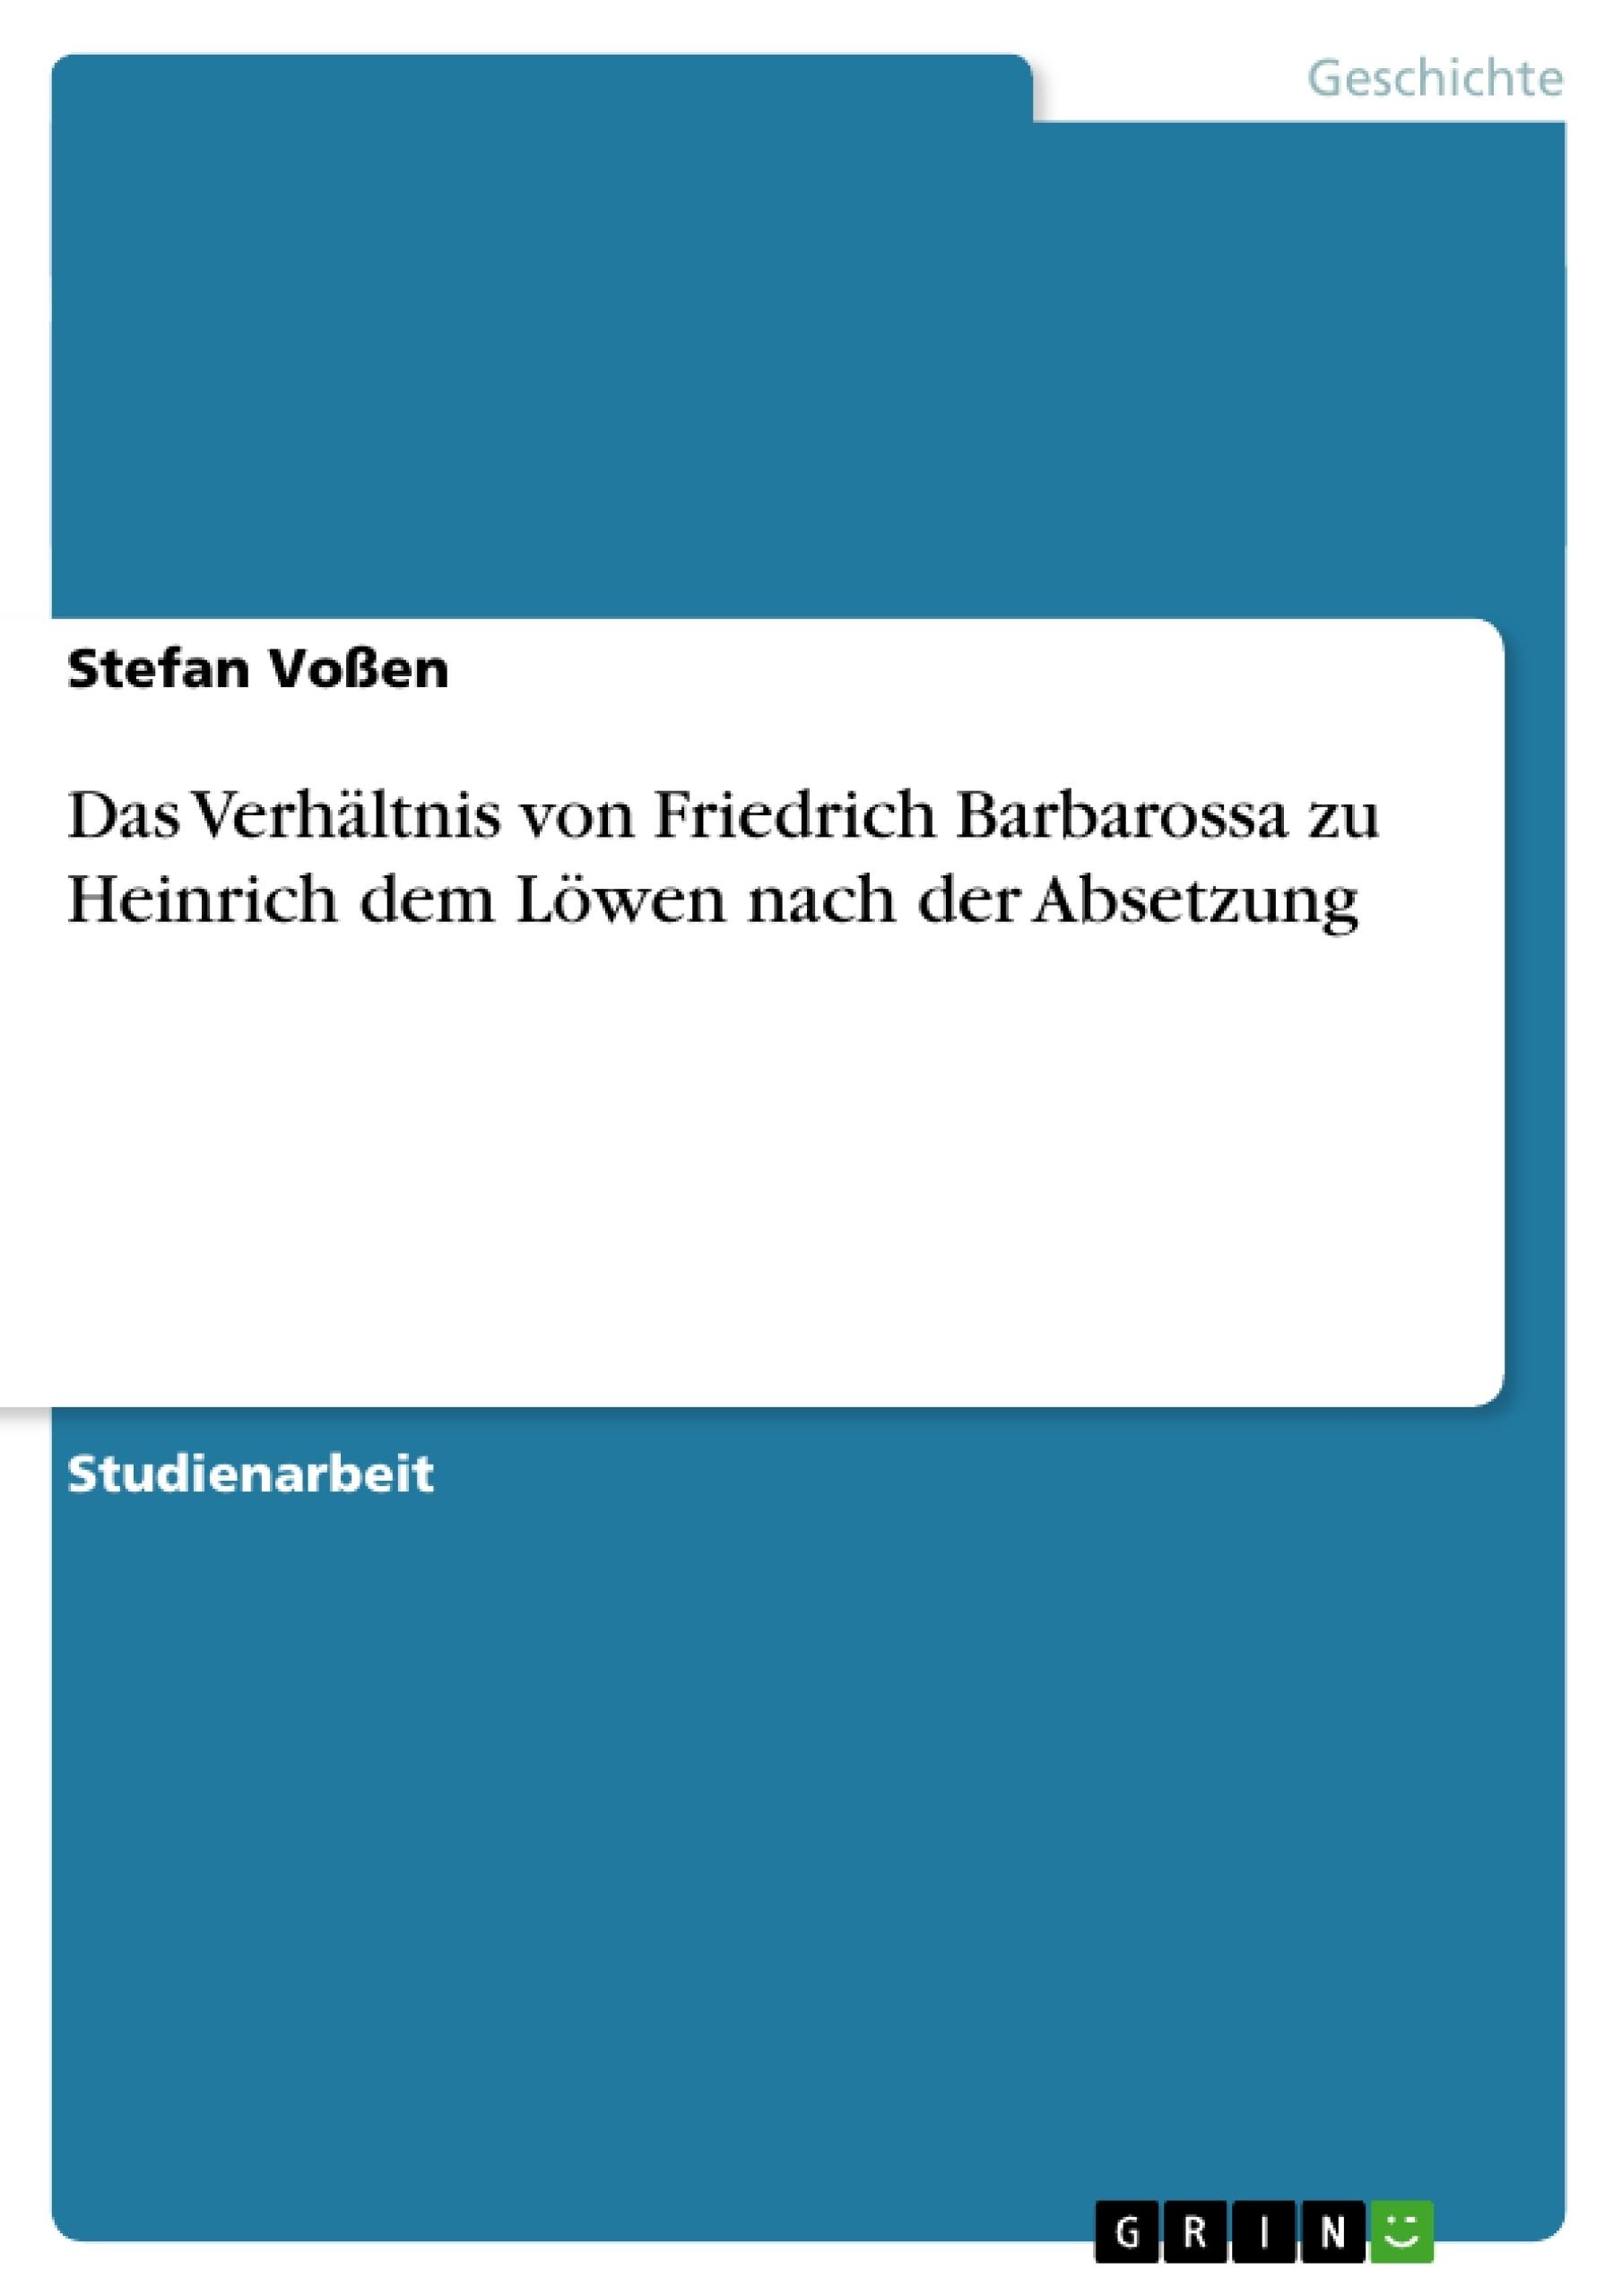 Titel: Das Verhältnis von Friedrich Barbarossa zu Heinrich dem Löwen nach der Absetzung